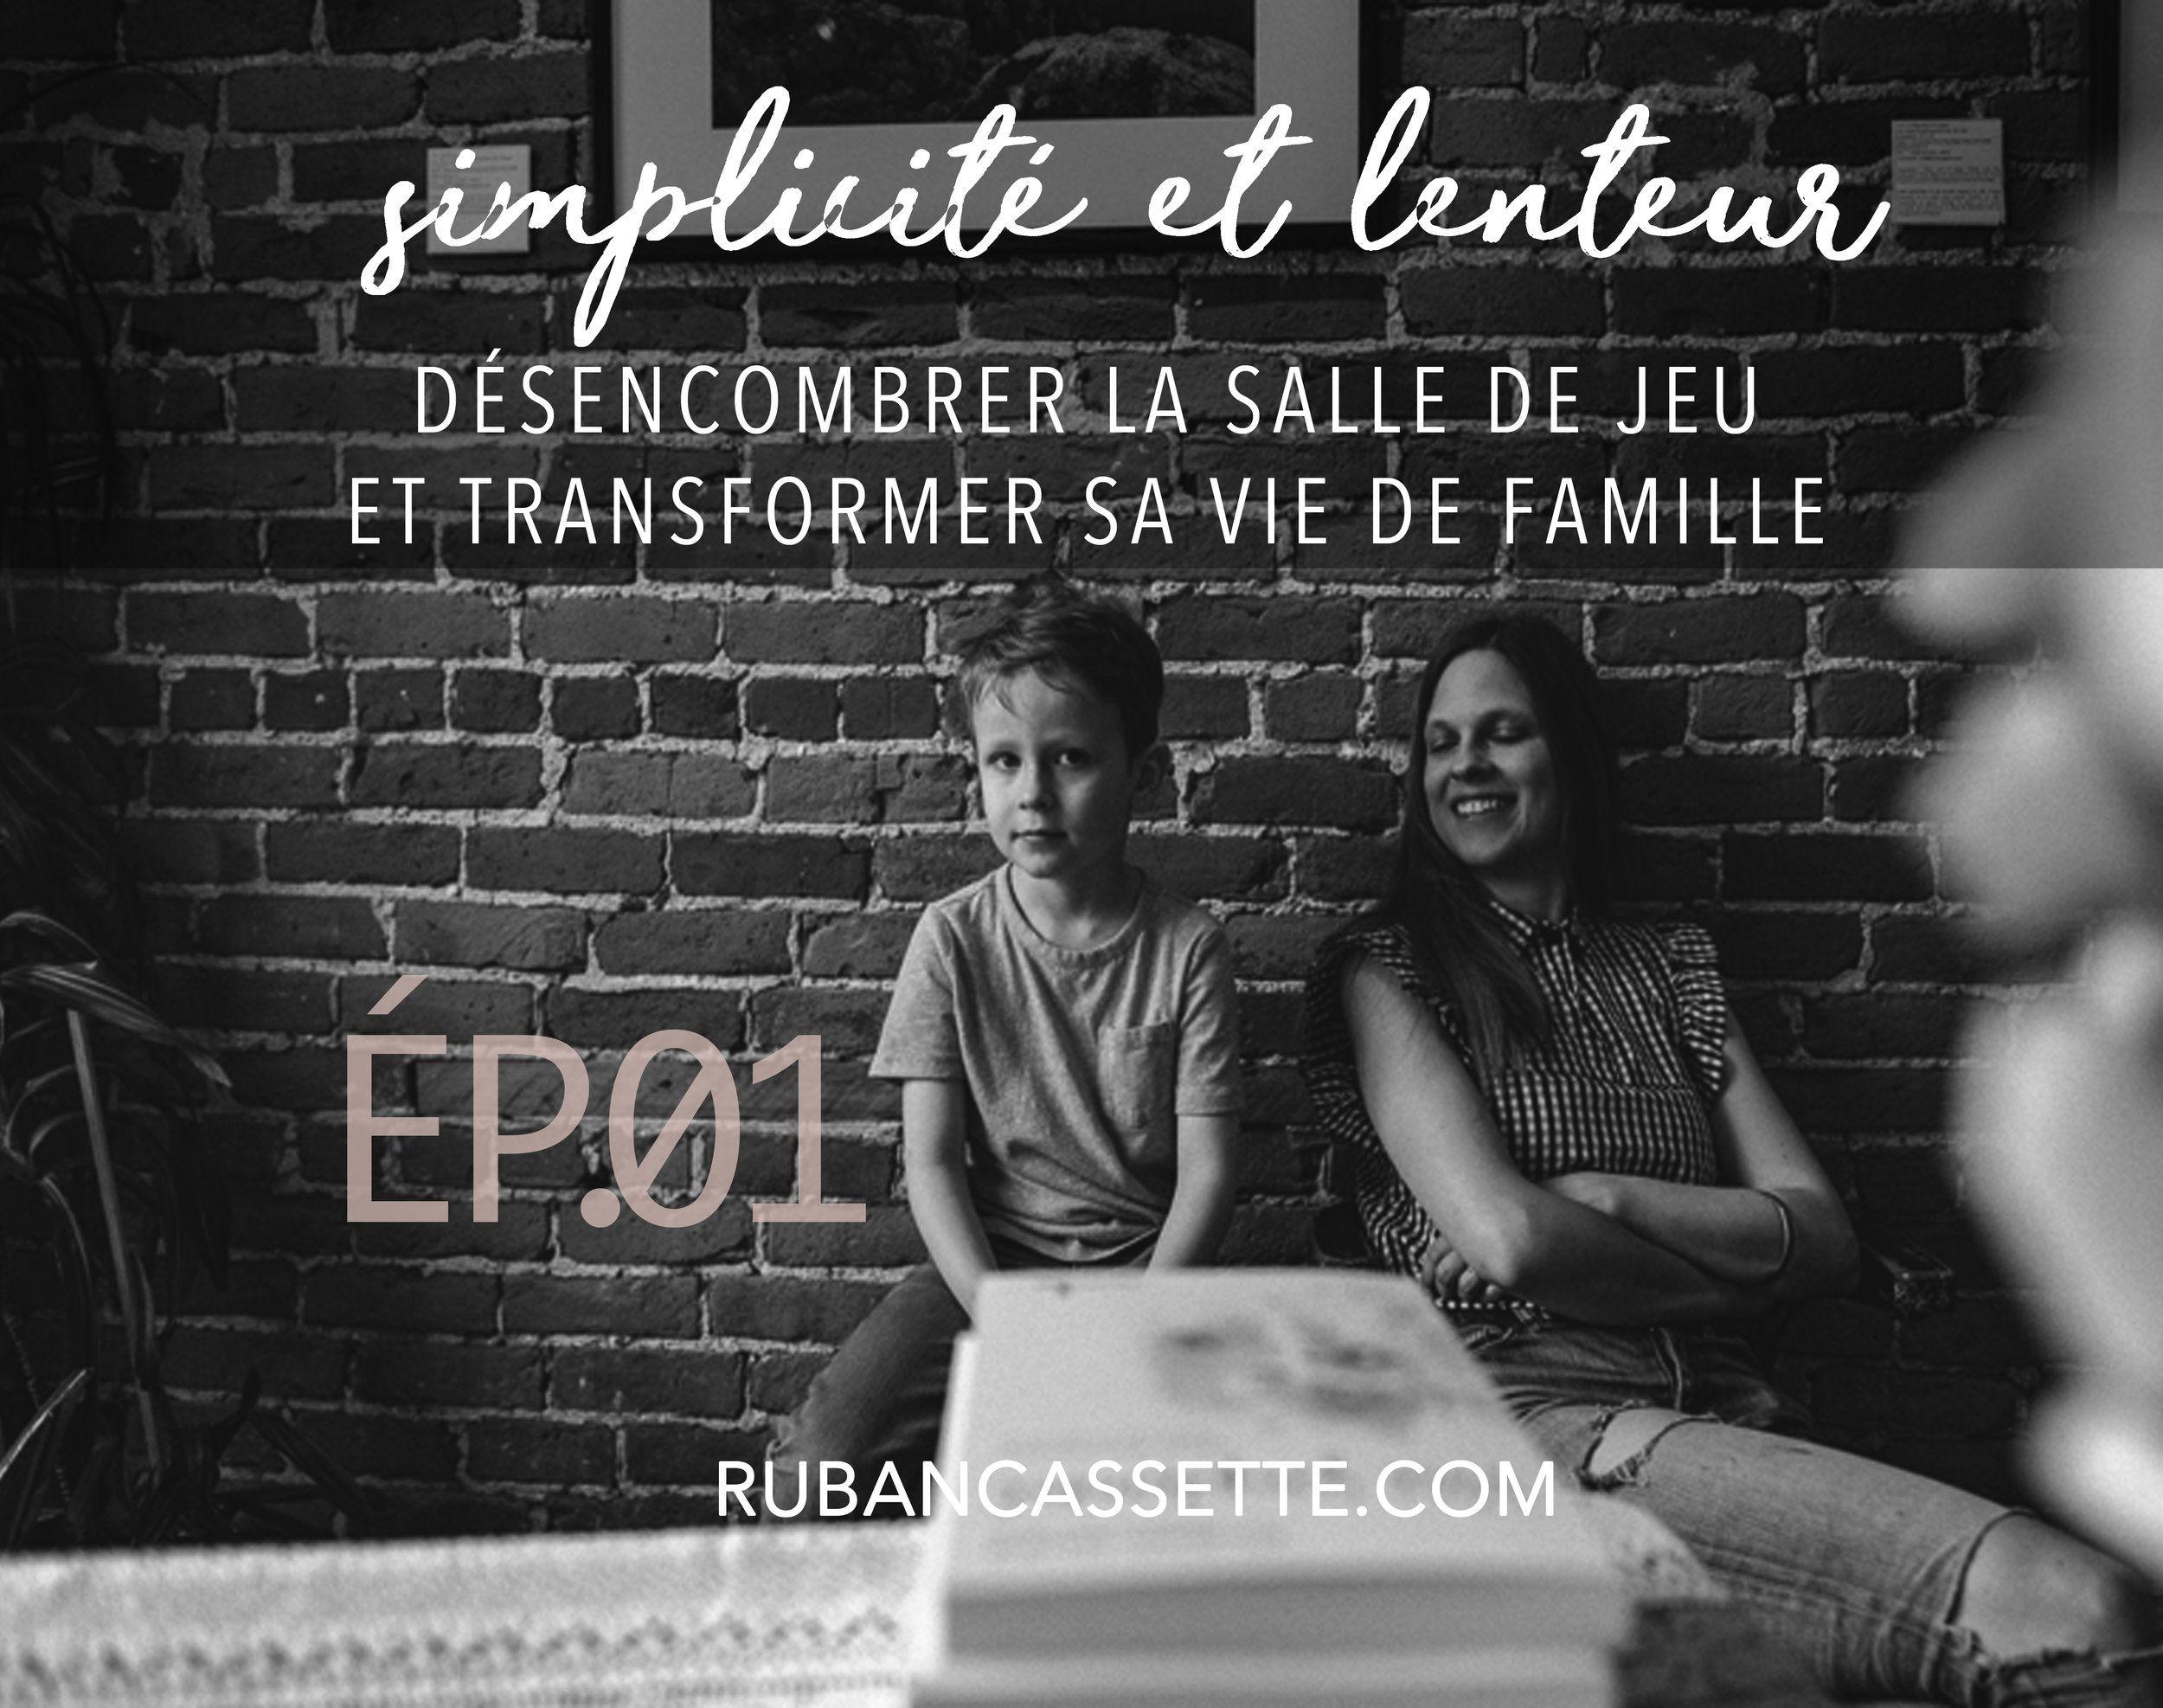 Episode 1 Desencombrer La Salle De Jeu Et Transformer Sa Vie De